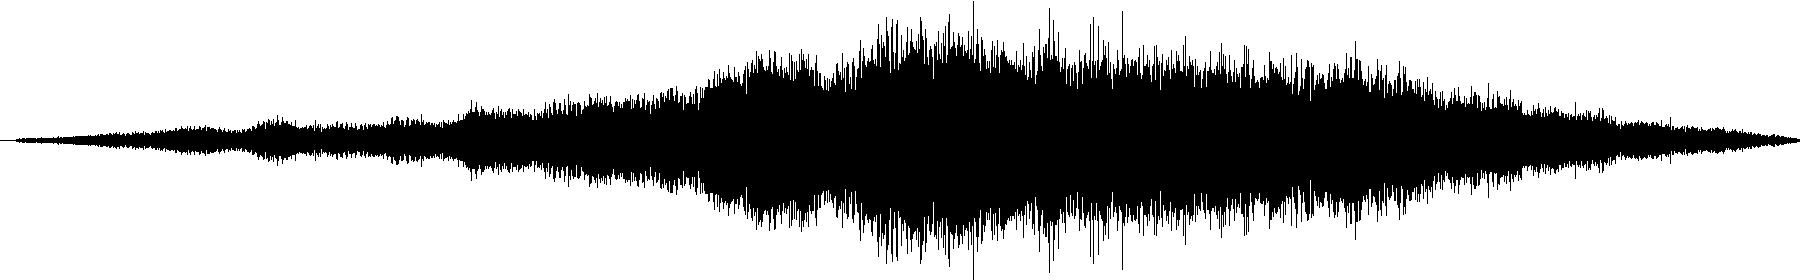 vfx1 atmos 34